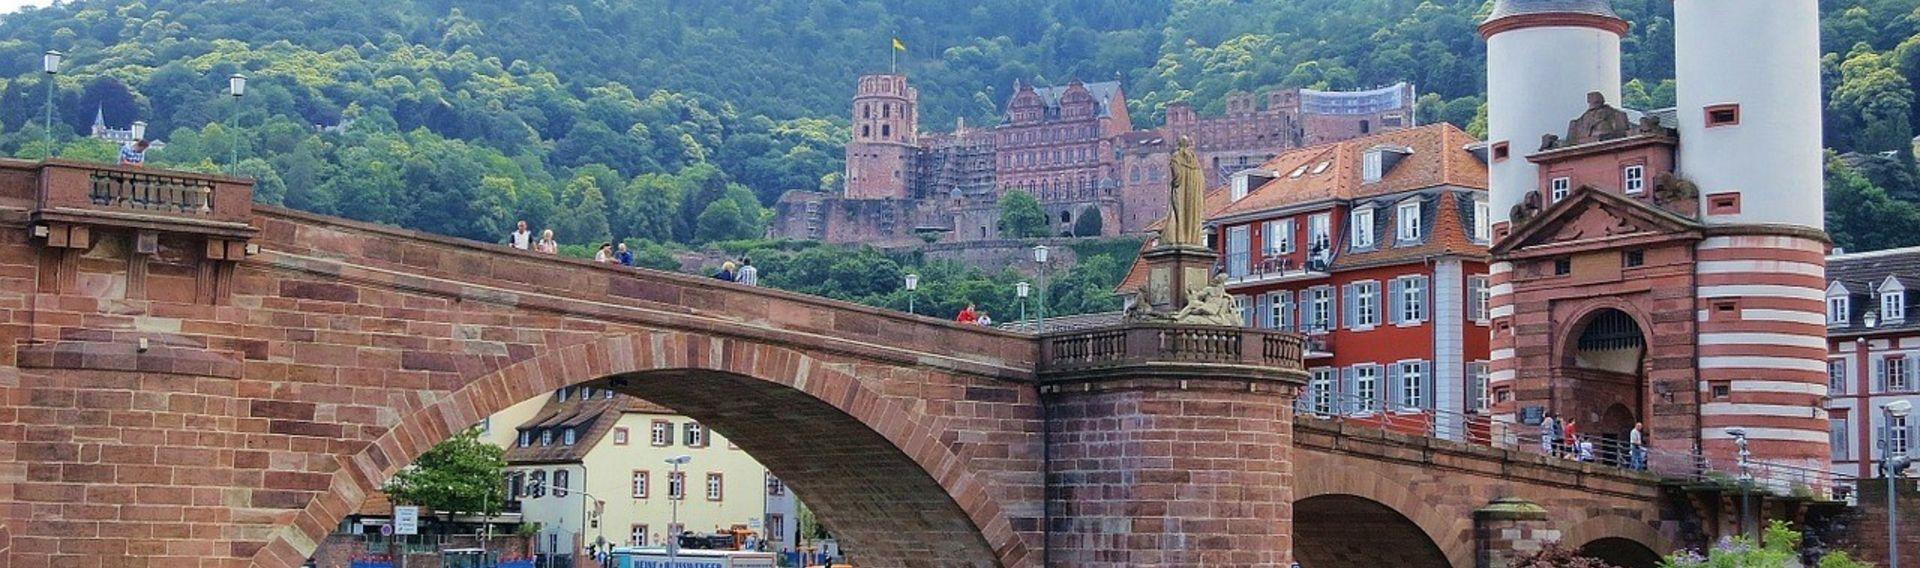 Schloss Heidelberg und Schlossgarten mit Hund